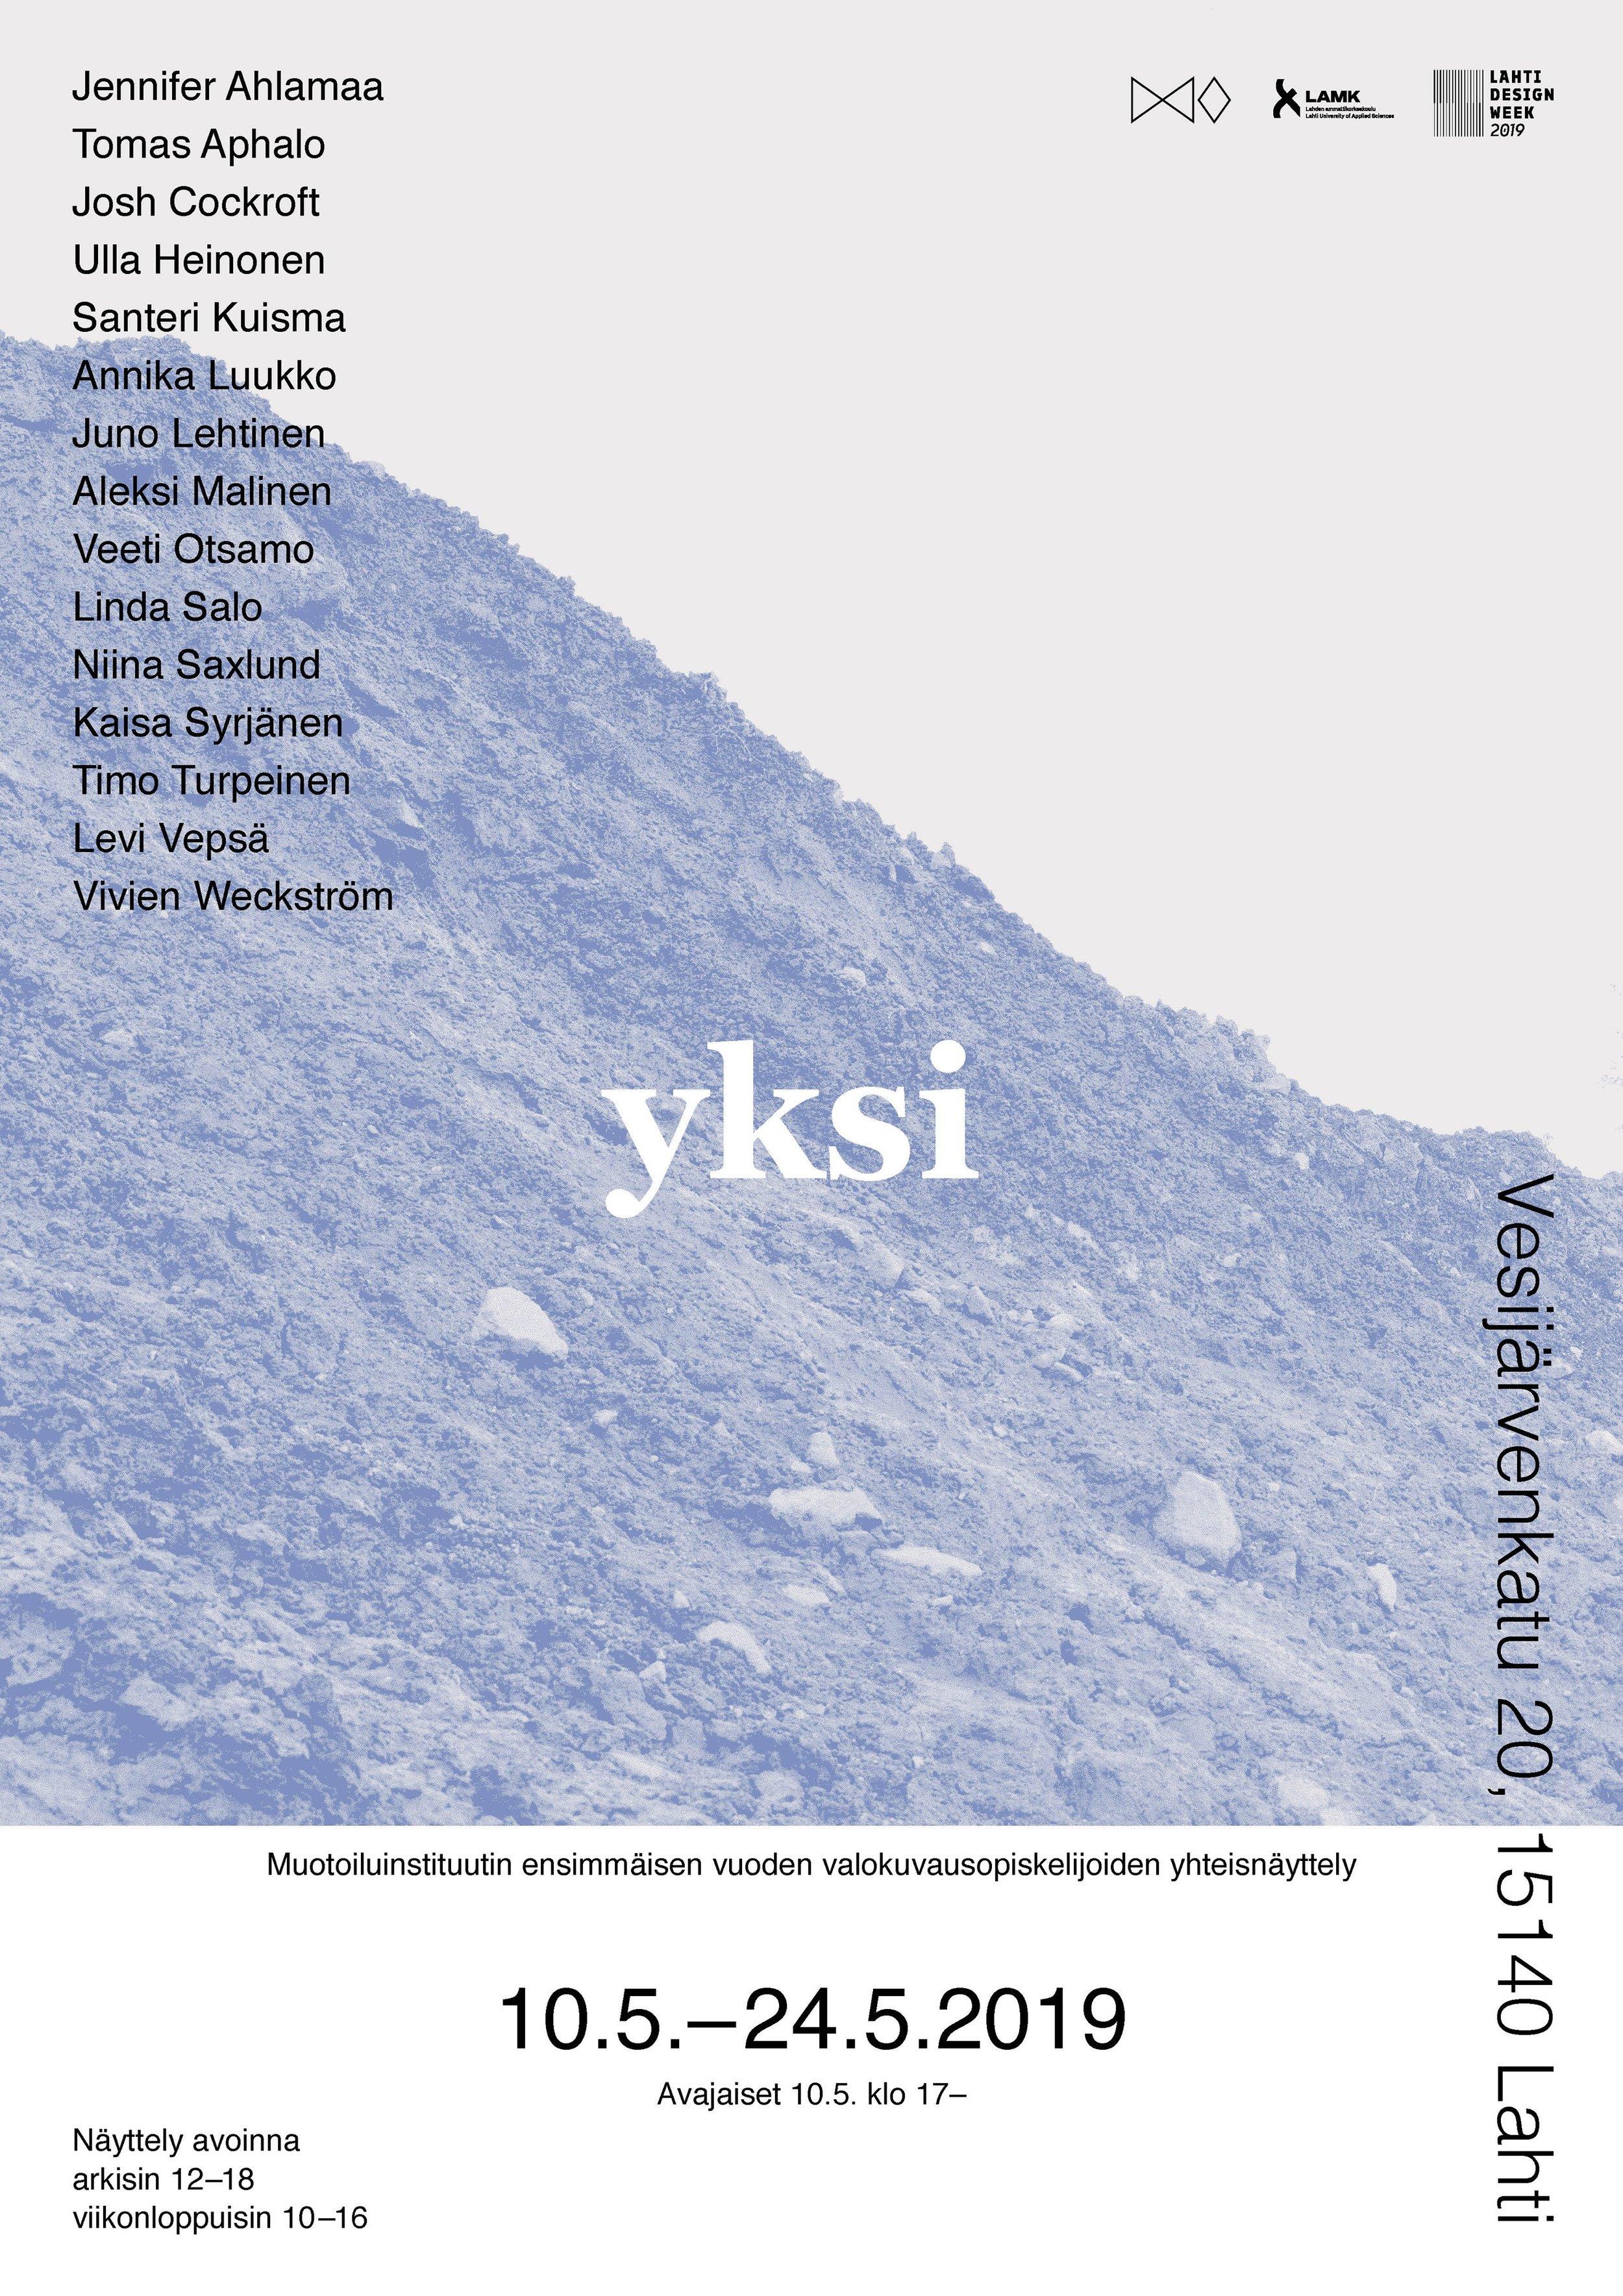 Yksi   Exhibition @ Vesijärvenkatu 20, Lahti  10.-24.5.2019 Mon–Fri at 12:00–18:00 Sat–Sun at 10:00–16:00  The opening: Friday 10.5. at 17:00  Facebook event:  Yksi   Photographers: Jennifer Ahlamaa, Tomas Aphalo, Josh Cockroft, Ulla Heinonen, Santeri Kuisma, Annika Luukko, Juno Lehtinen, Aleksi Malinen, Veeti Otsamo, Linda Salo, Niina Saxlund, Kaisa Syrjänen, Timo Turpeinen, Levi Vepsä, Vivien Weckström